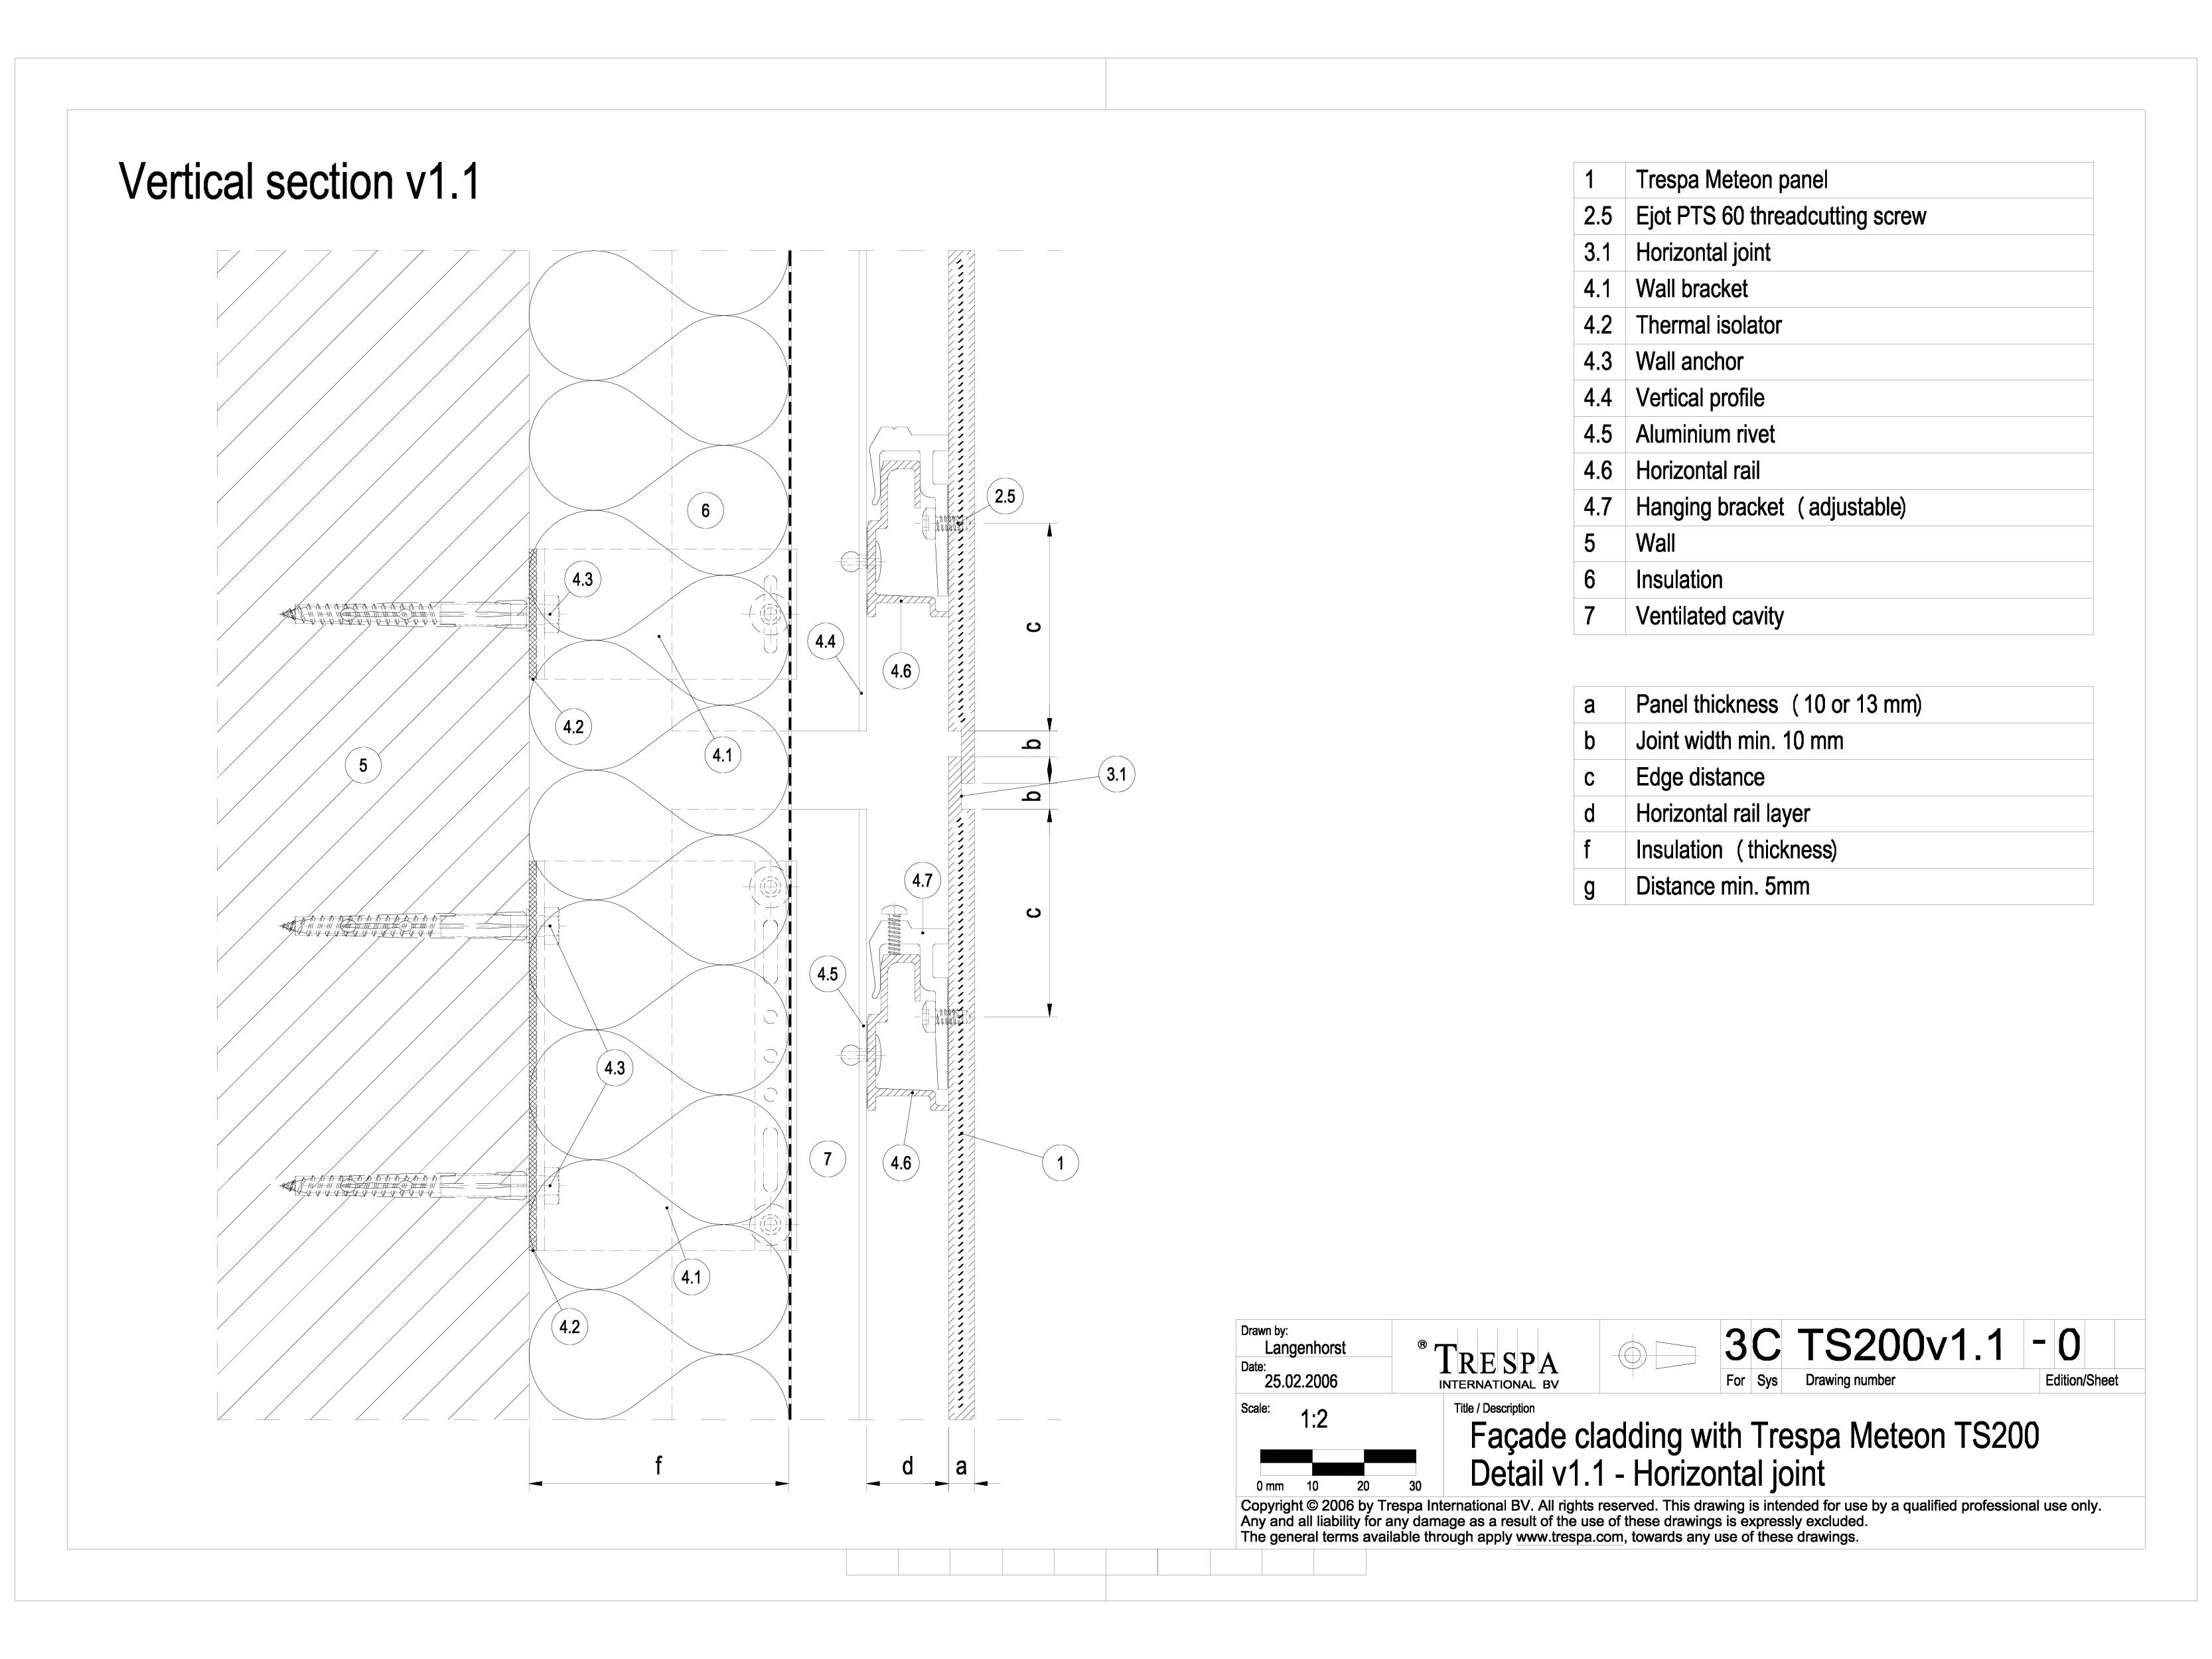 Sisteme de prindere fatade ventilate invizibile cu suruburi si insereturi, detaliu de imbinare pe orizontala METEON TRESPA Placi HPL pentru fatade ventilate GIBB TECHNOLOGIES  - Pagina 1